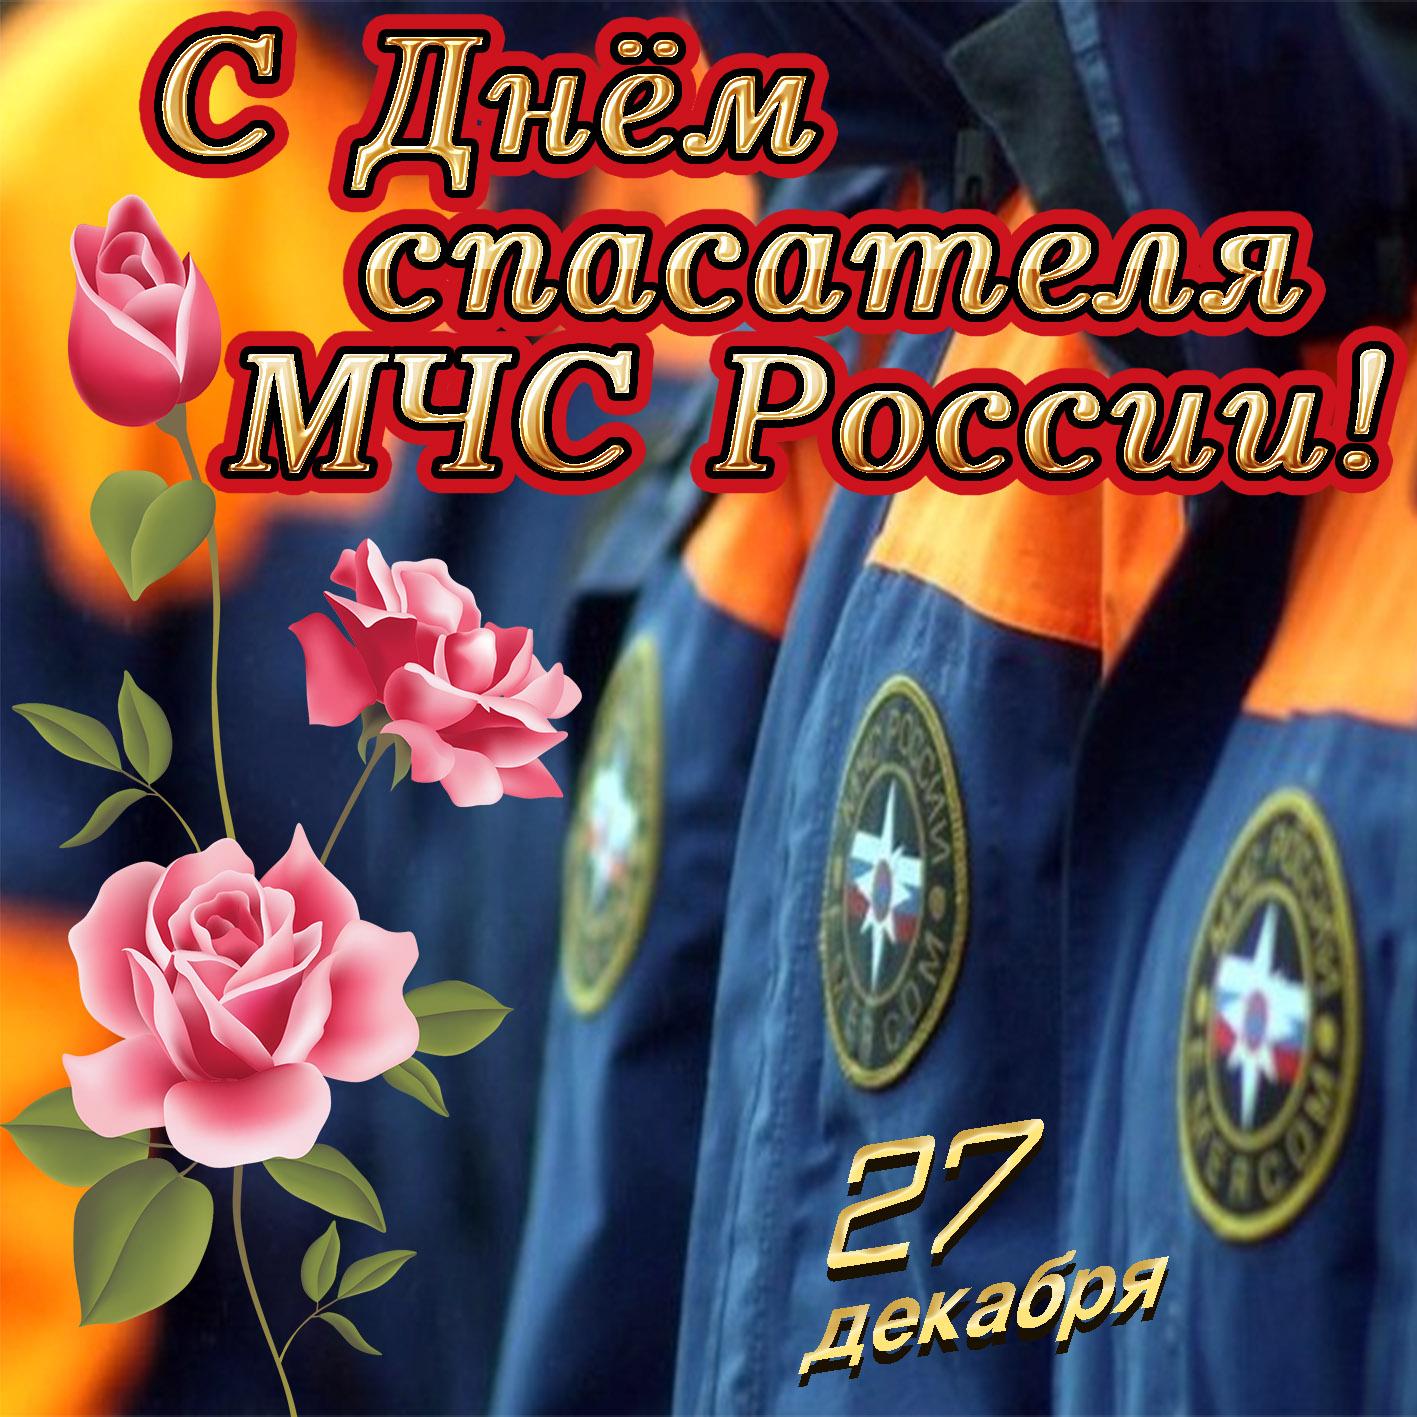 Открытка с розами к Дню спасателя